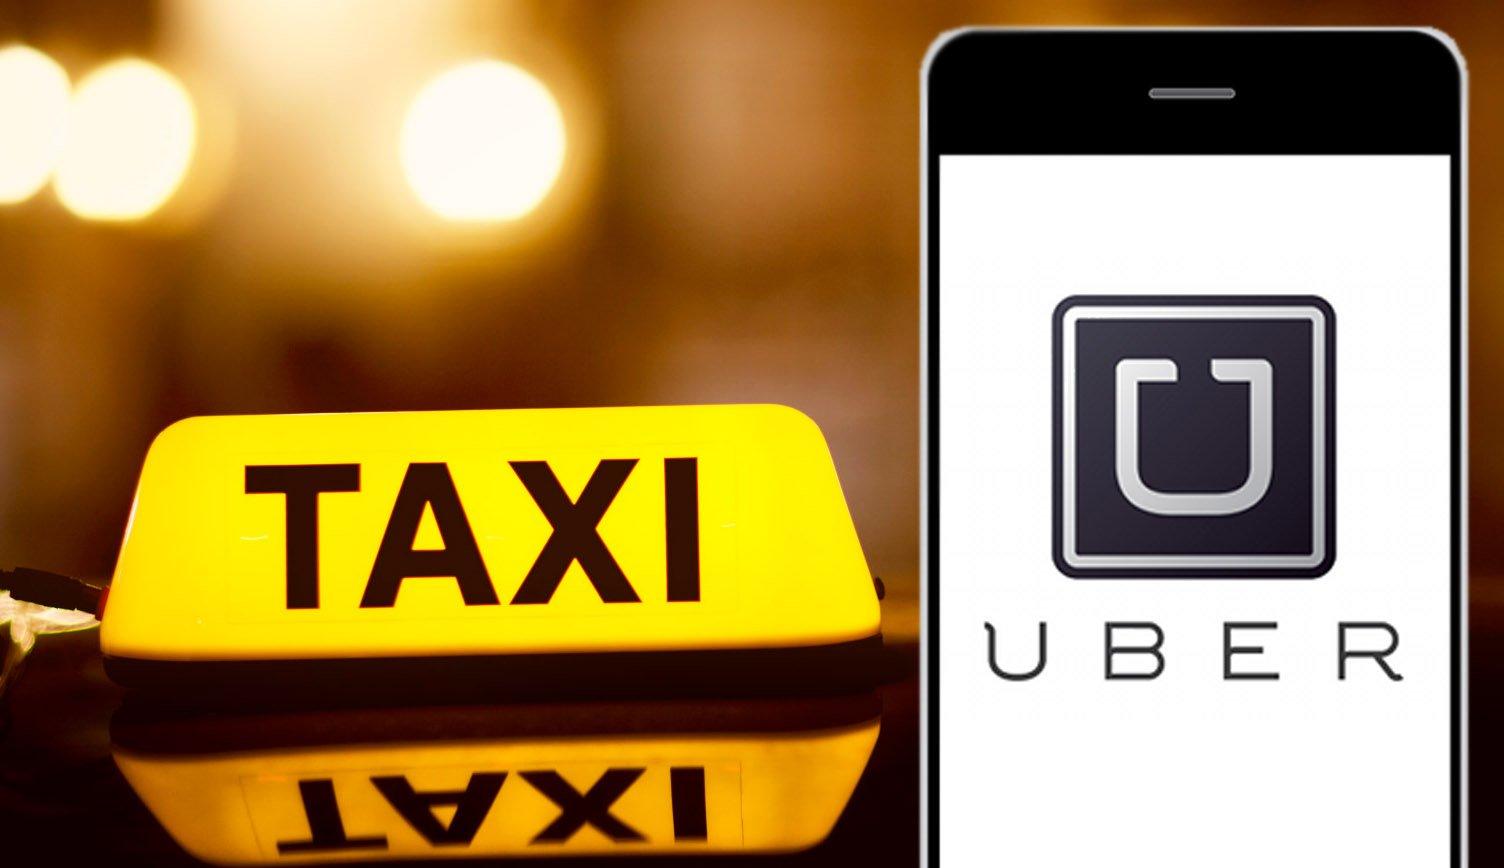 Убытки Uber отлизинга оказались в18 раз больше ожидаемых